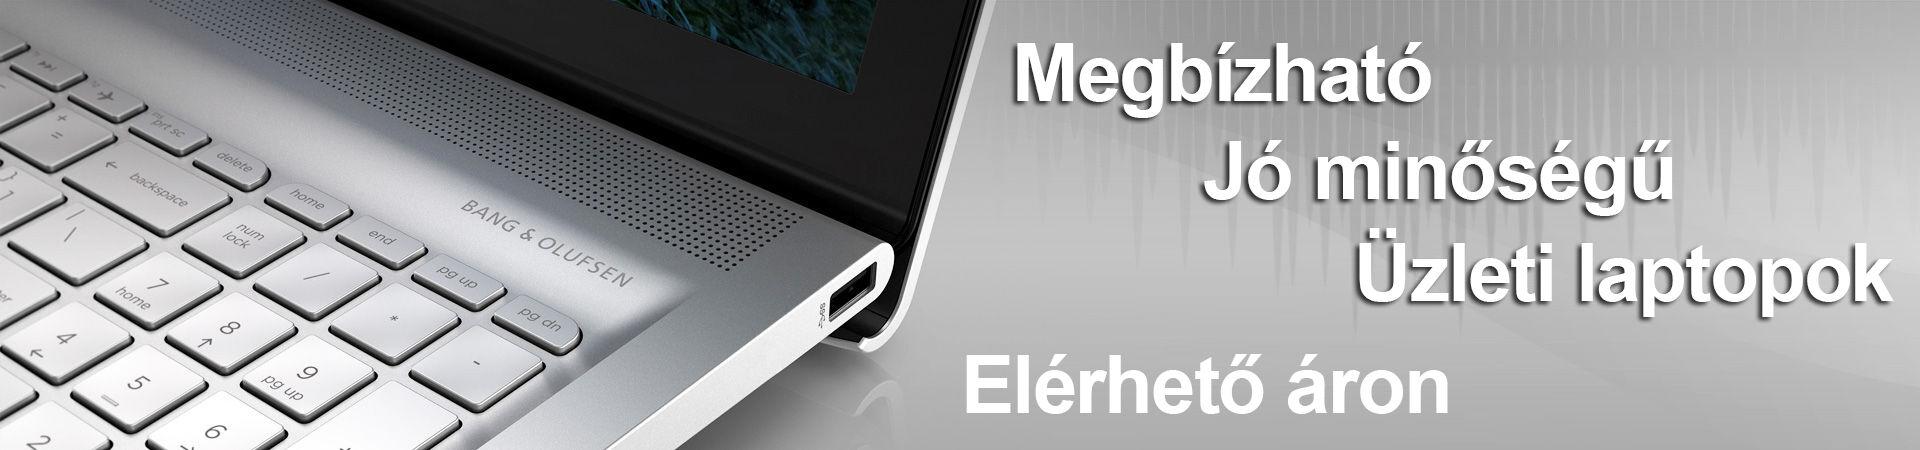 Inform Lapotpok Megbízható üzleti laptopok 517f2903c5